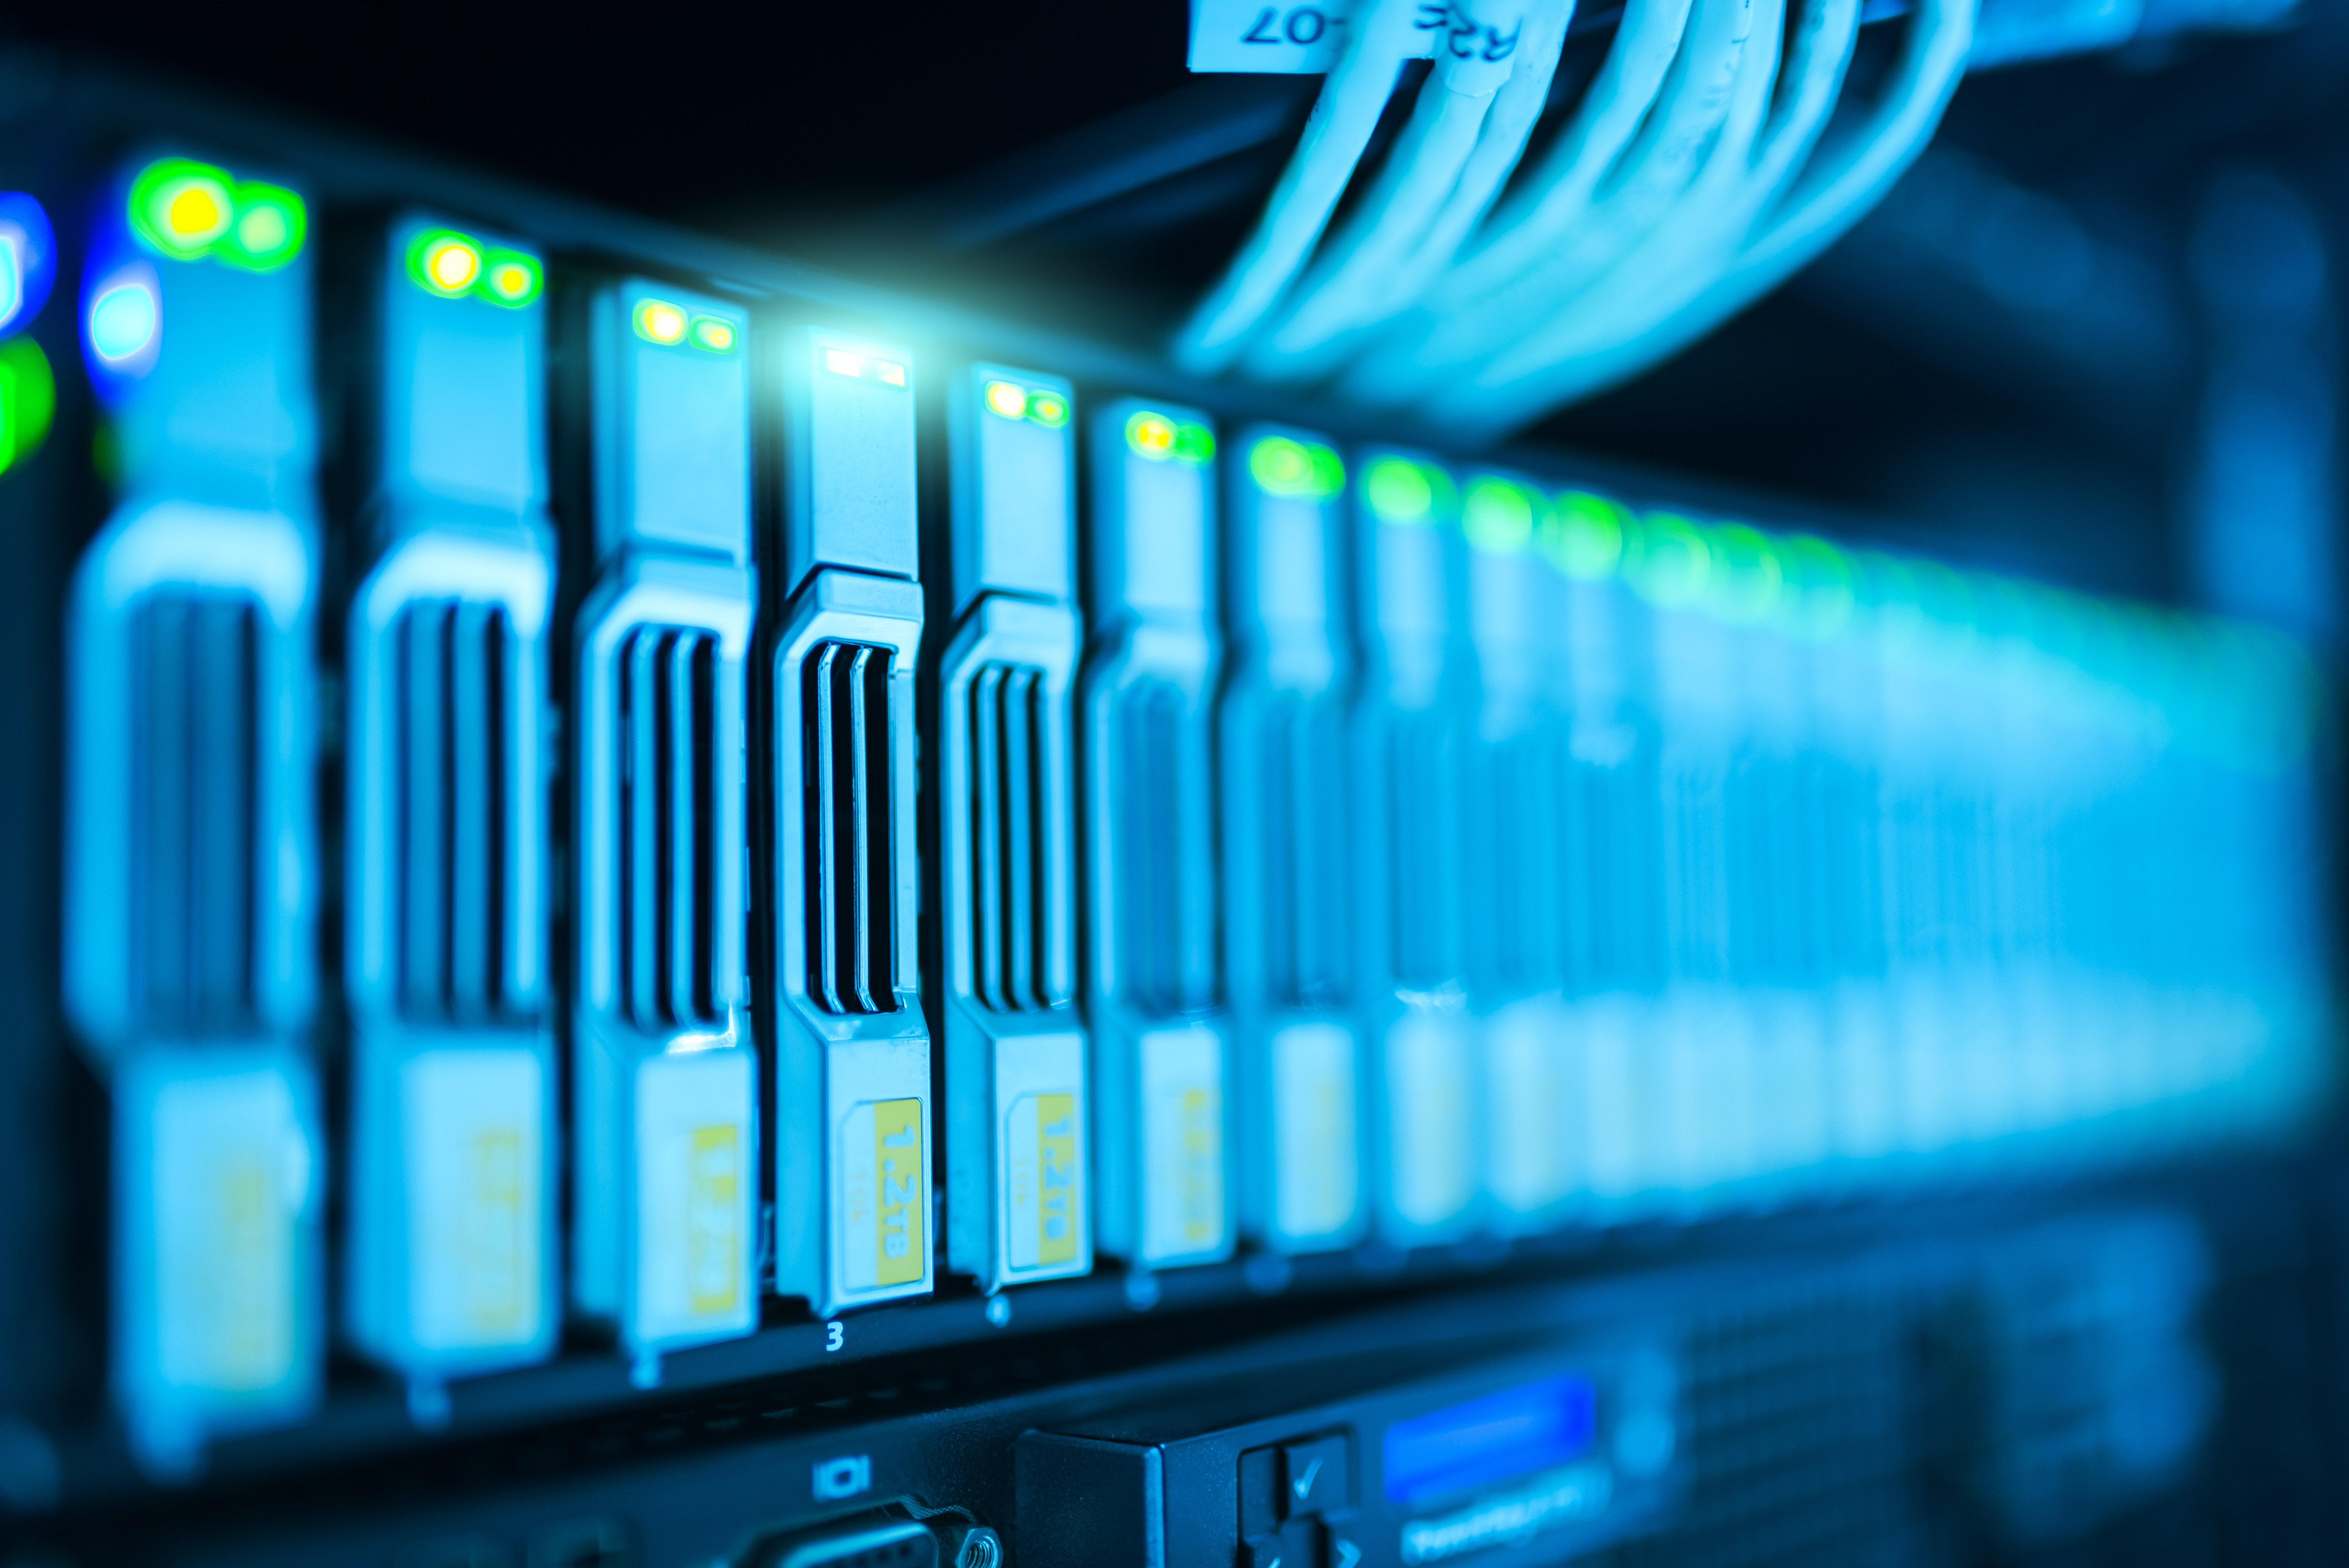 Empresas latinoamericanas buscan las tecnologías abiertas de nube híbrida e IA de IBM para desbloquear nuevos modelos de negocio